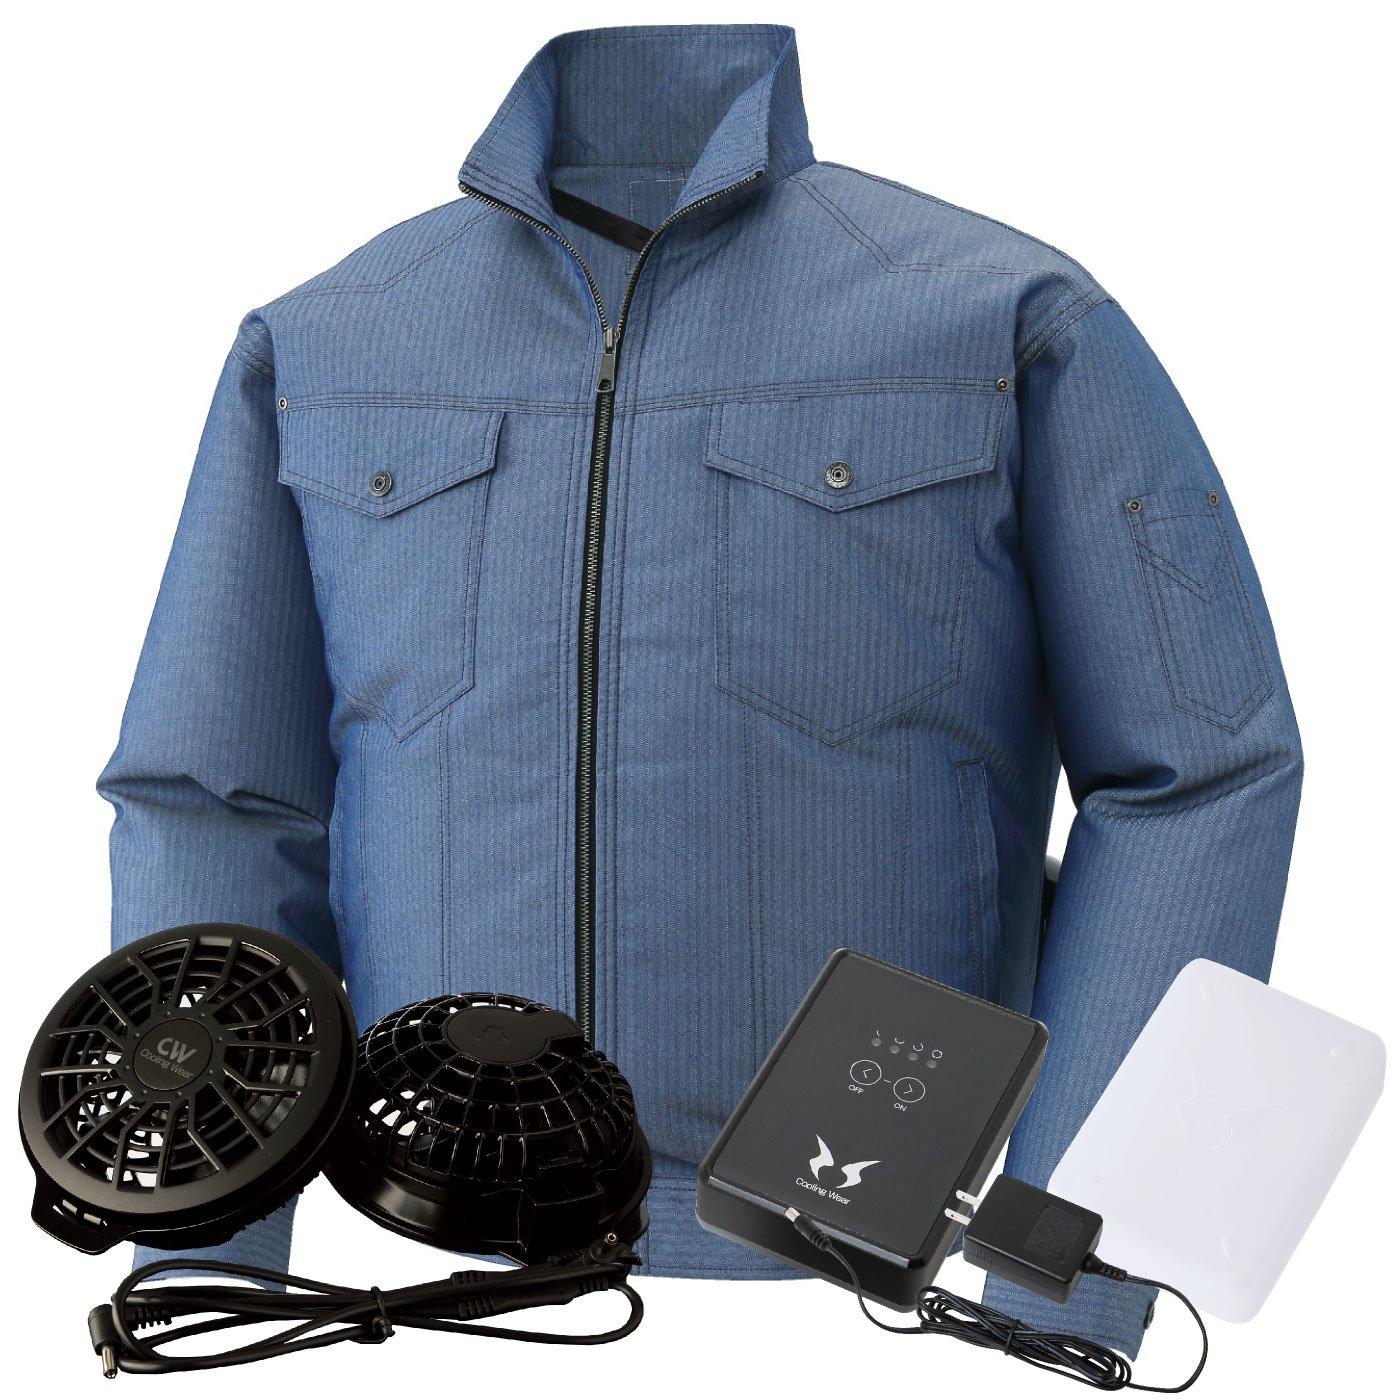 サンエス(SUN-S) 空調風神服 (空調服+ファンRD9820R+バッテリーRD9870J) ss-ku97100-l B07BSHJM9R XL|ブルー/黒ファン ブルー/黒ファン XL